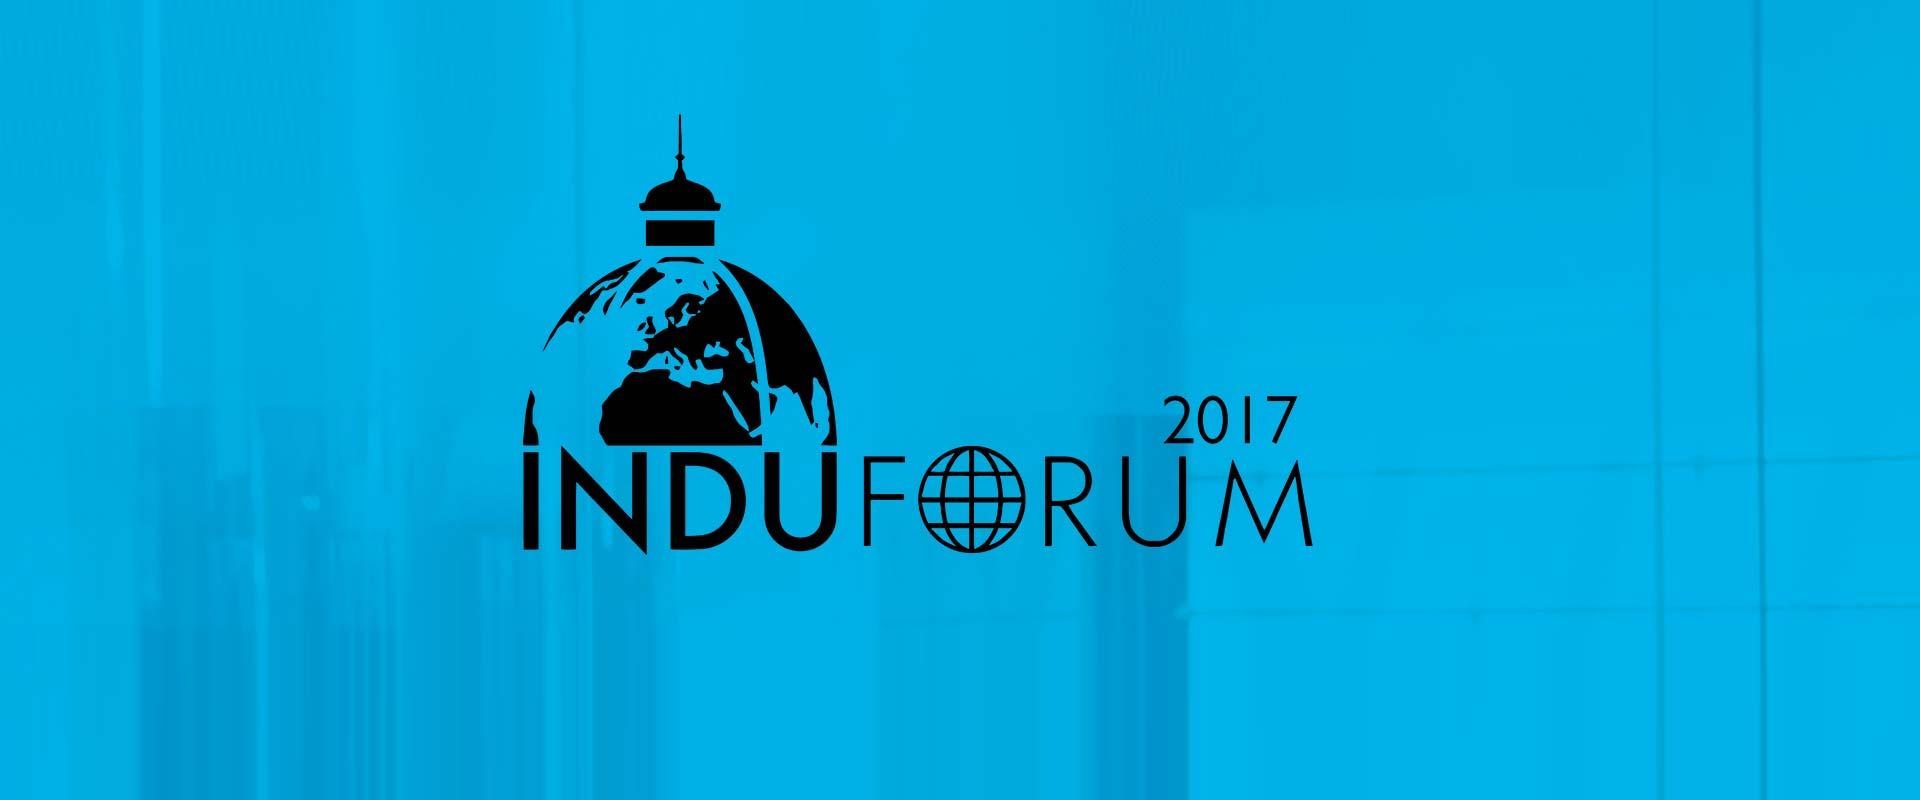 ACCIONA Empleo Induforum 2017